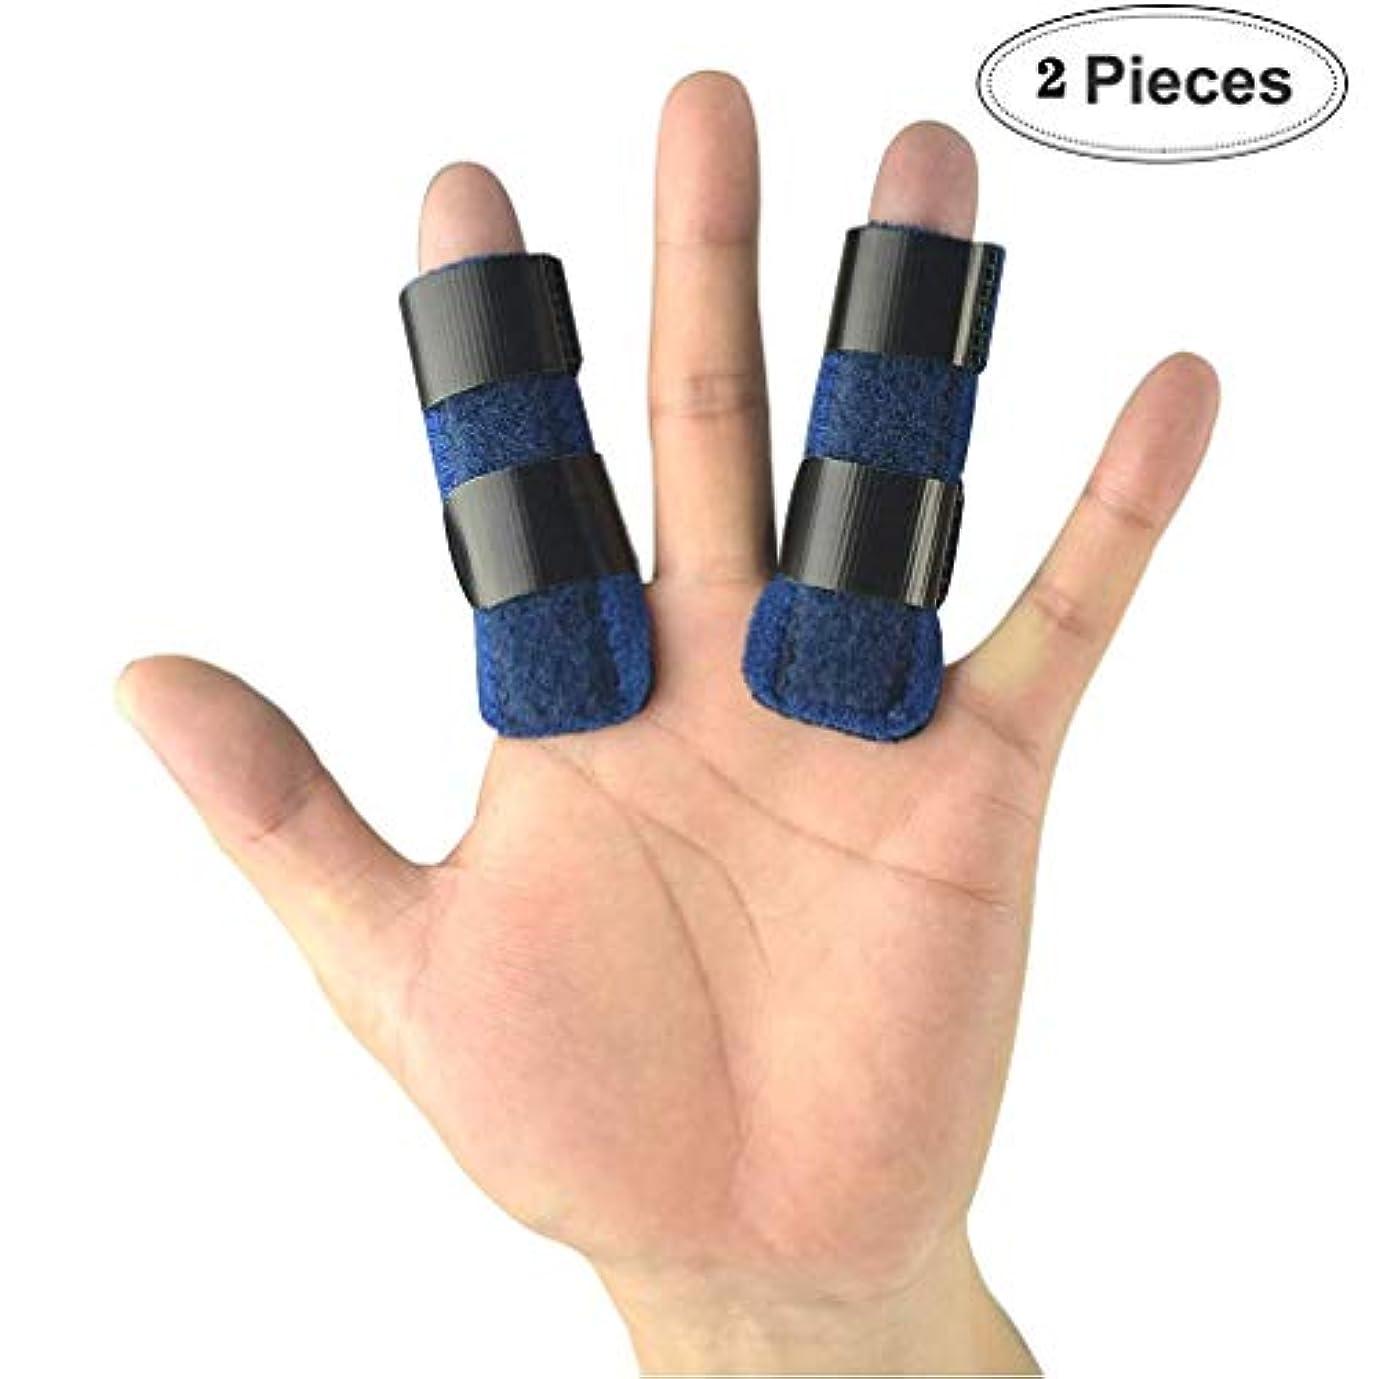 優越リブ抵抗するマレットフィンガー中指、小指の指、壊れた指、関節炎のためのフィンガースプリント(2パック)、内蔵のアルミサポートトリガーばね指、